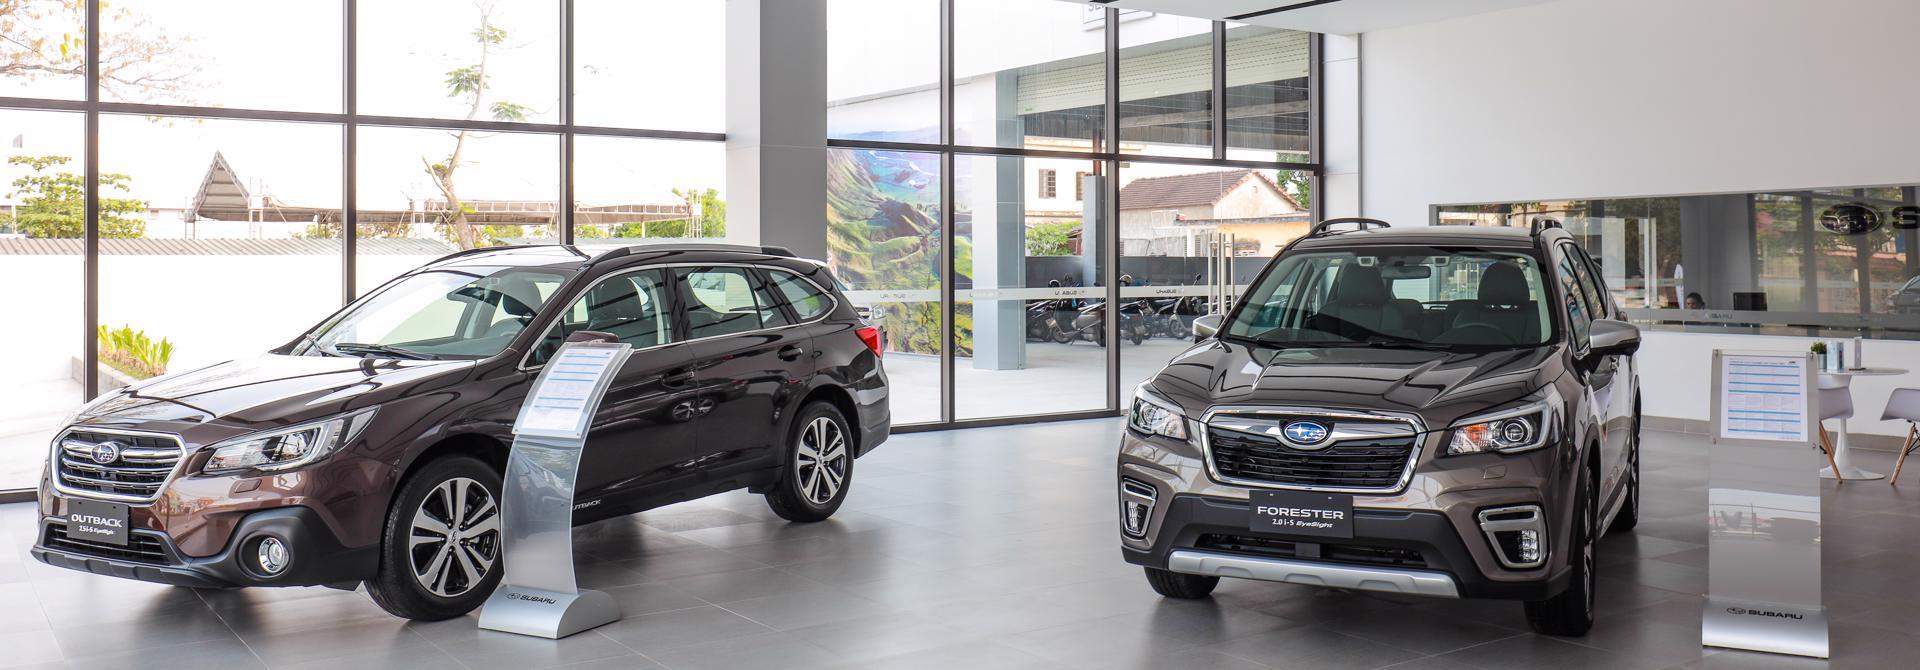 Giá xe Subaru Forester tháng 5/2021, từ 969 triệu đồng